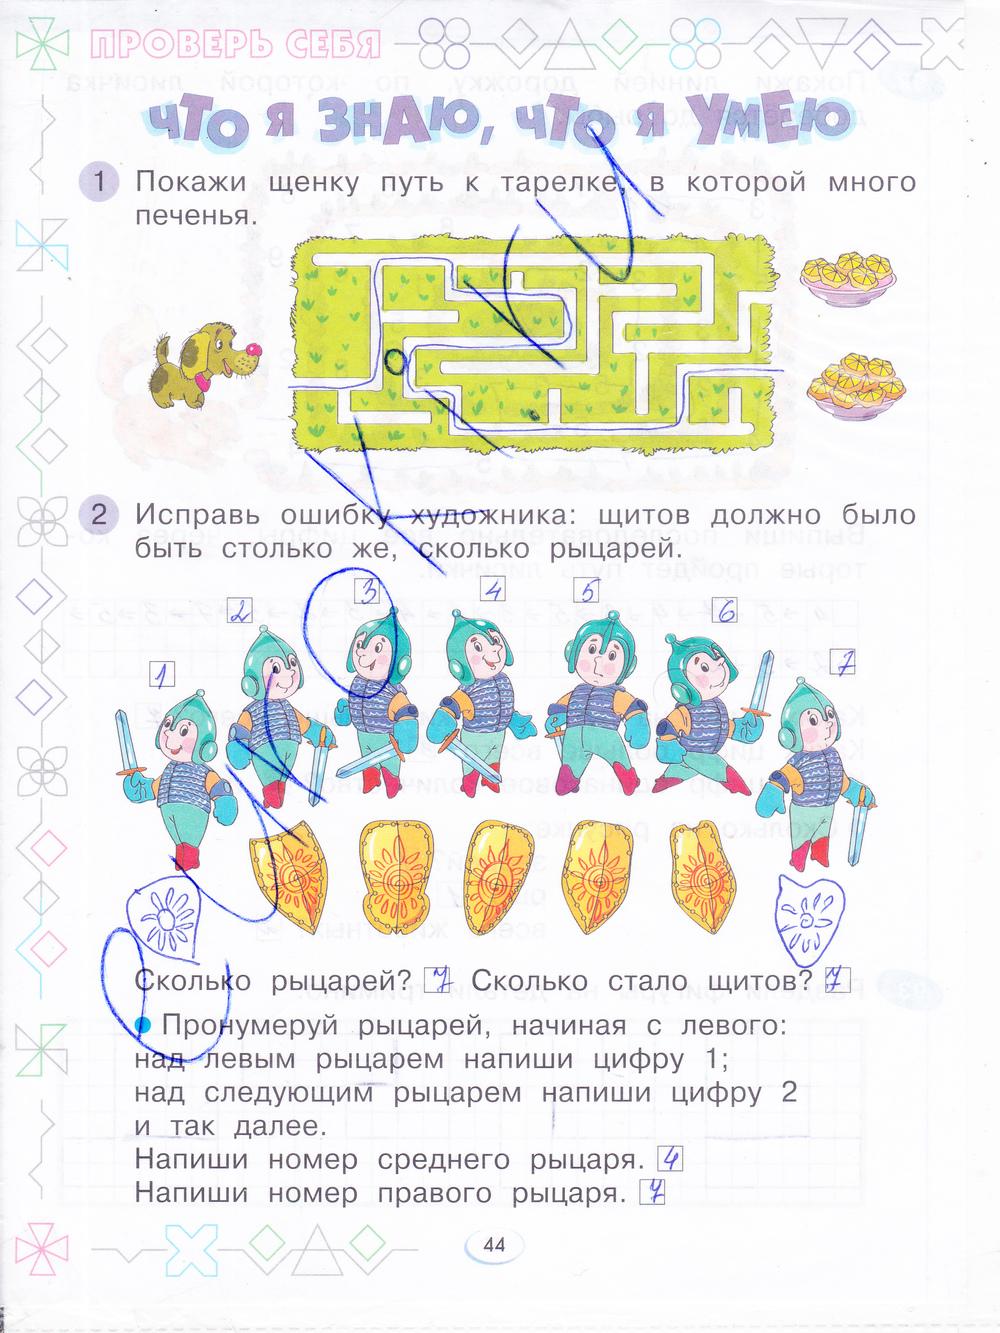 решебник математике 1 класс итина